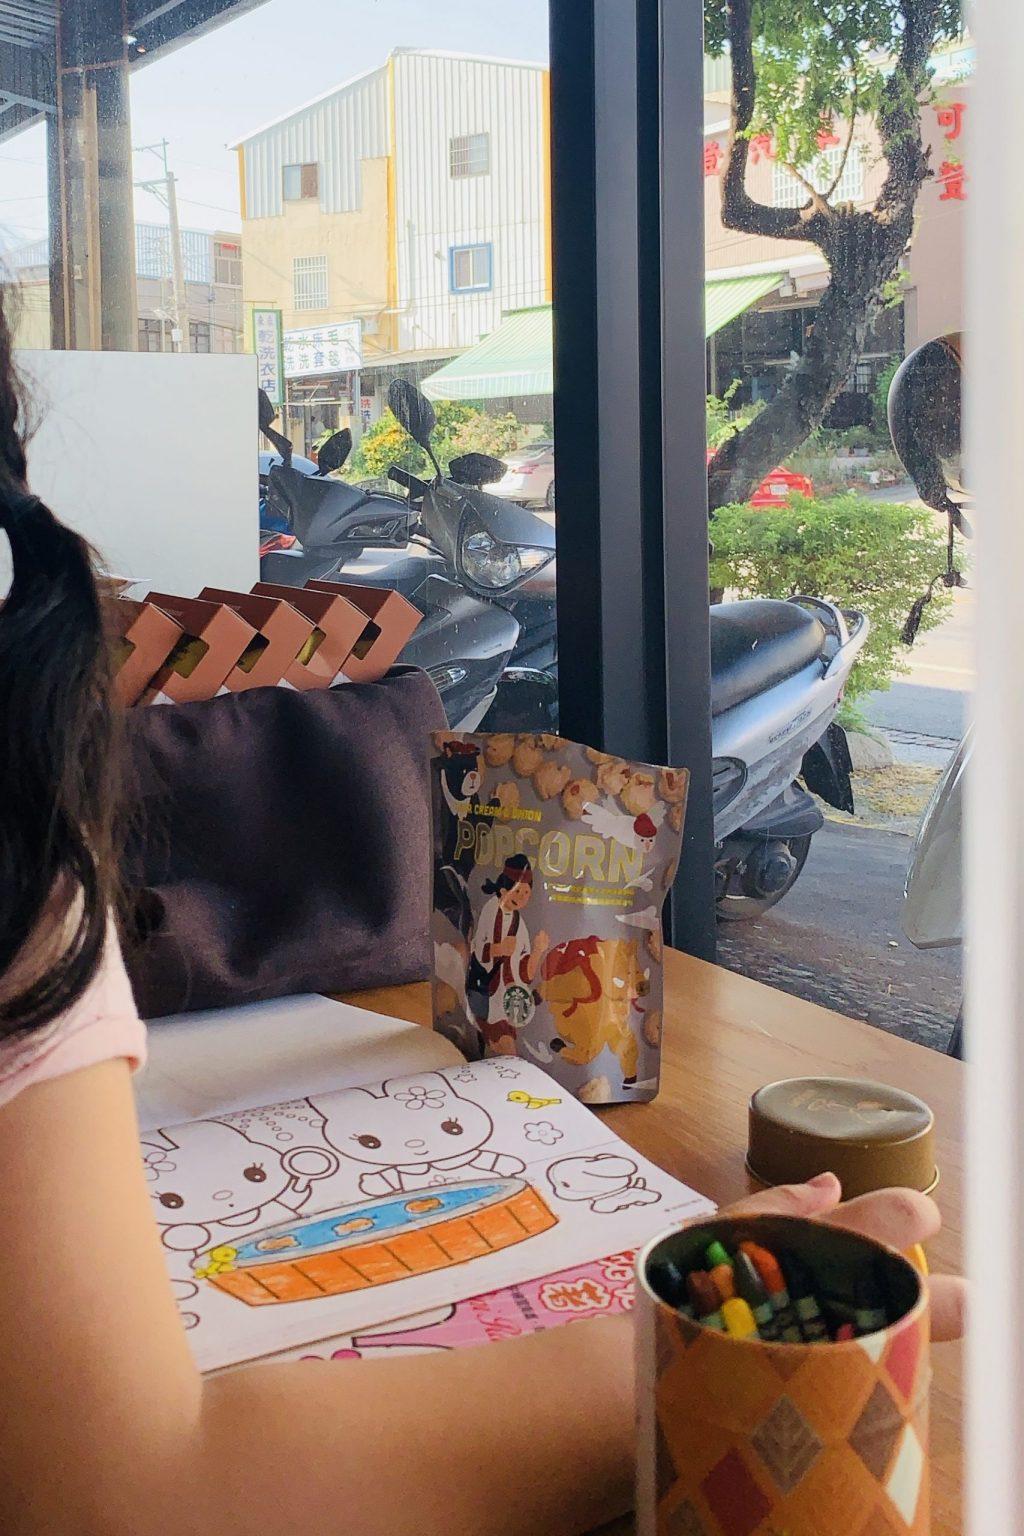 台中清水 清水星巴克門市:清水第一間星巴克~天花板融入浪漫高美溼地夕陽風情特色 @飛天璇的口袋